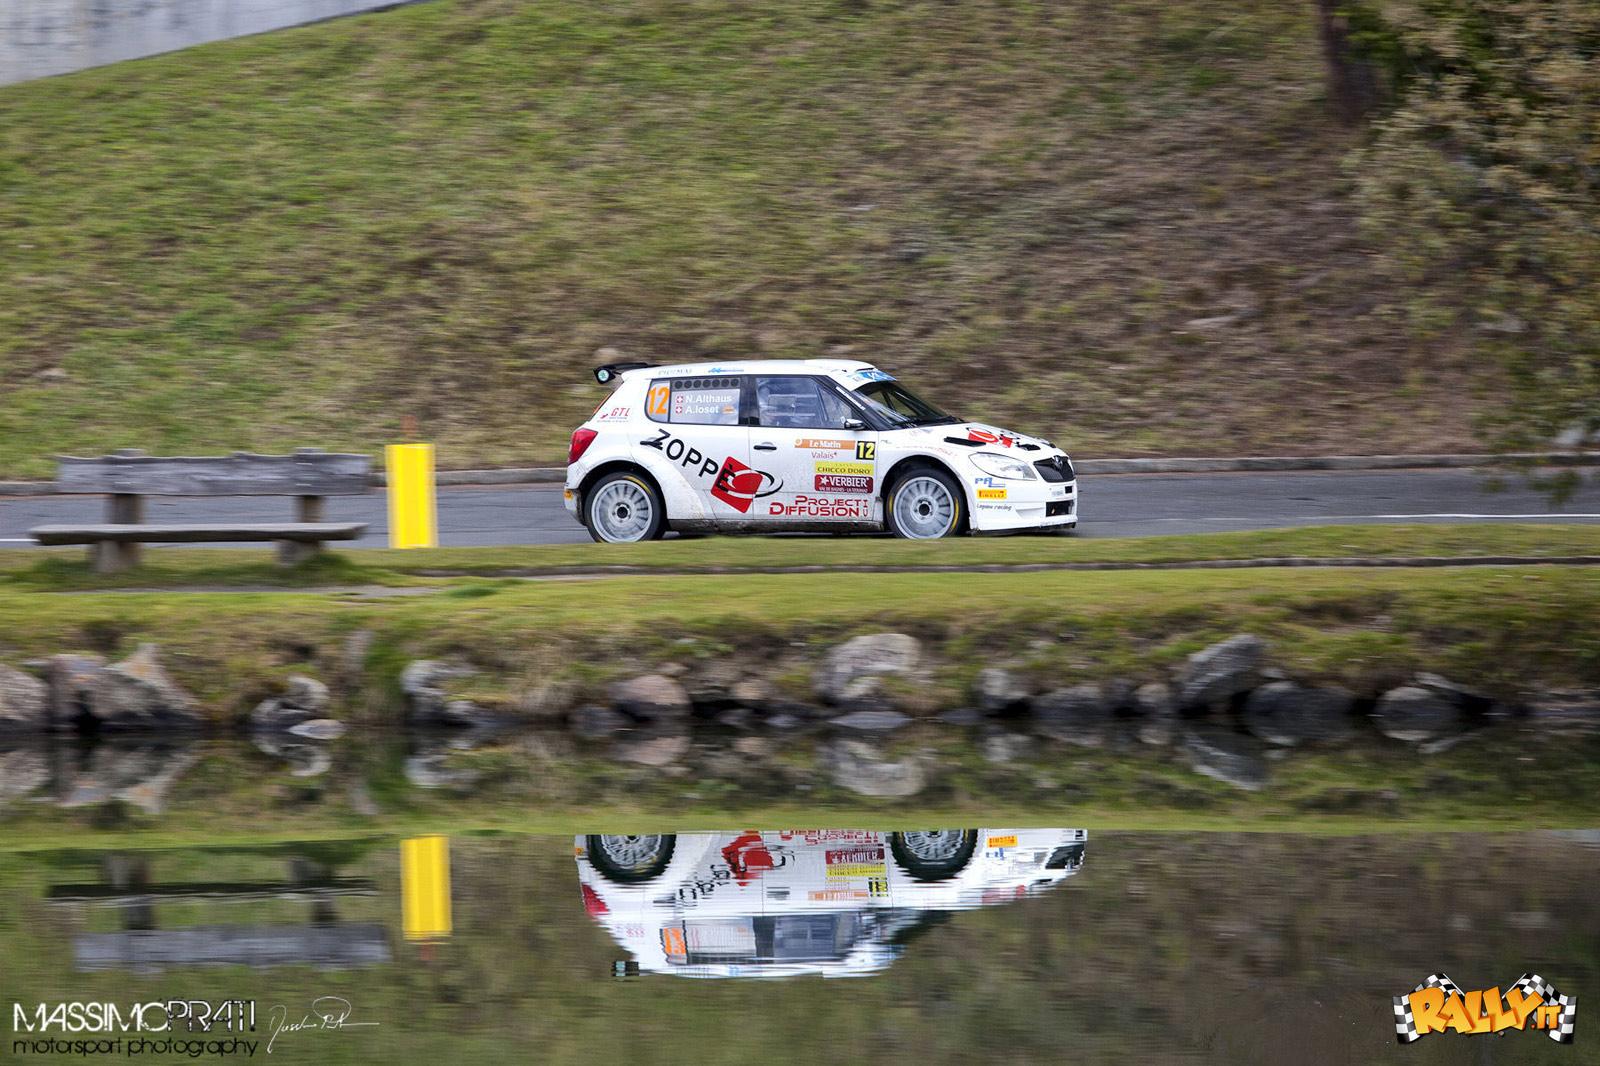 067-Rally-du-Valais-2014.jpg